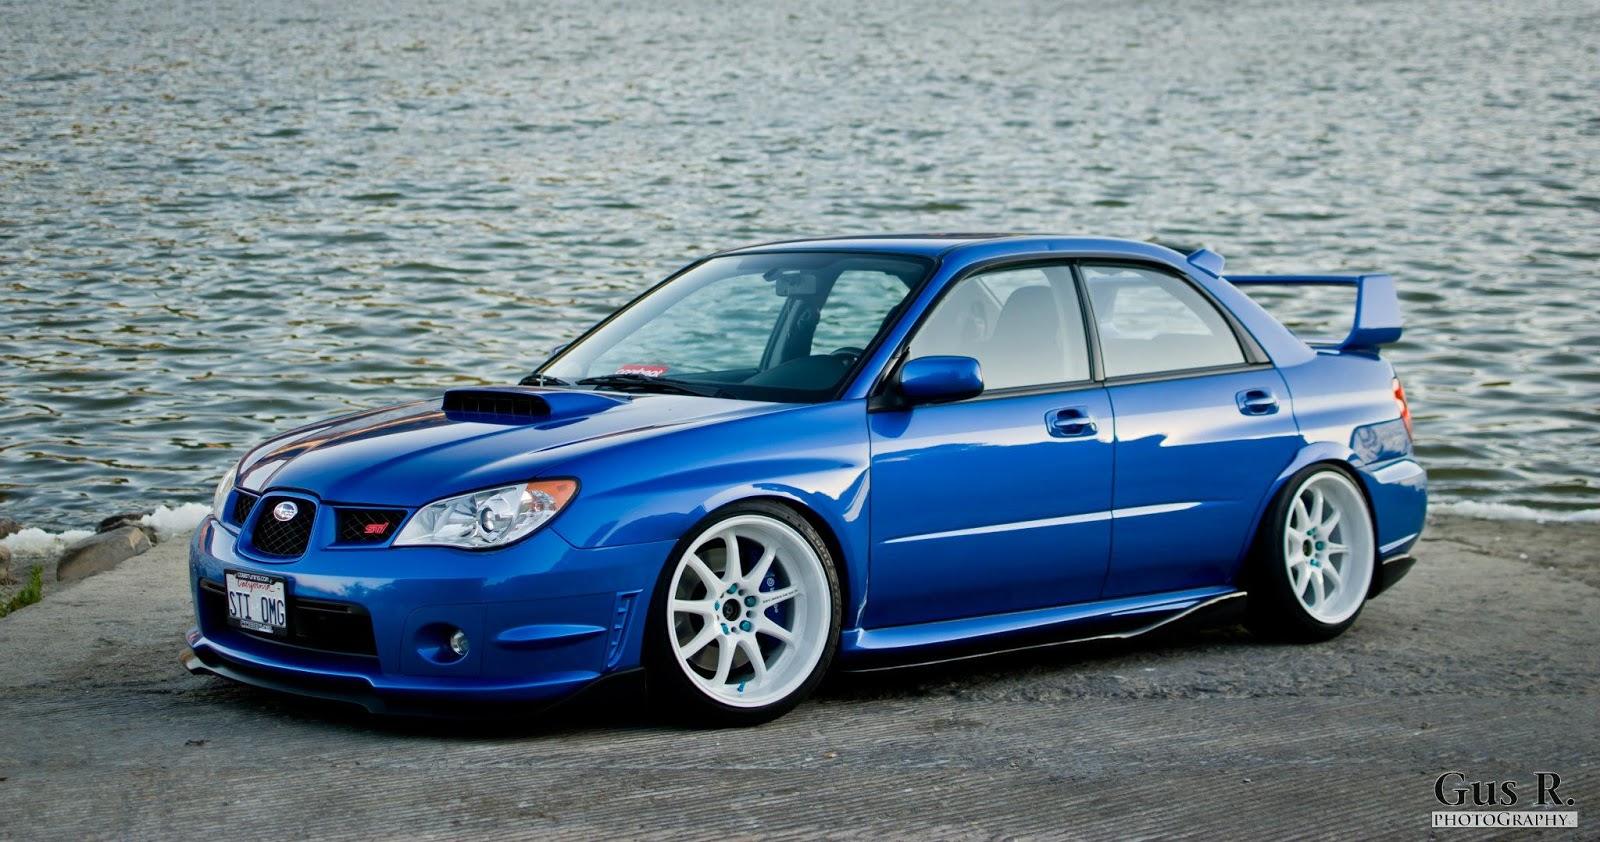 Subaru Wrx 2006 - 2019-2020 New Upcoming Cars by